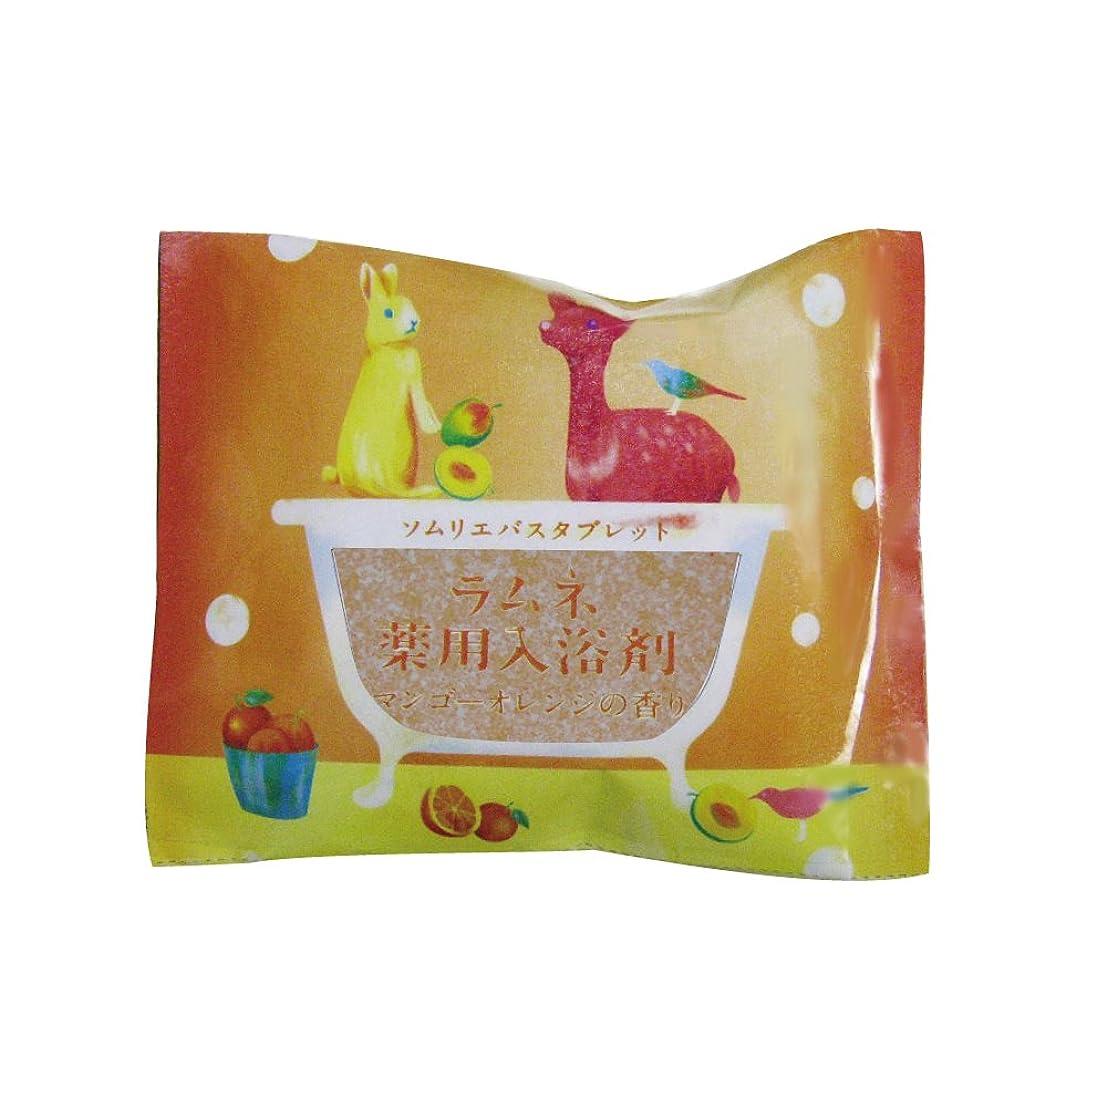 にじみ出る必須チェスソムリエバスタブレット ラムネ薬用入浴剤 マンゴーオレンジの香り 12個セット